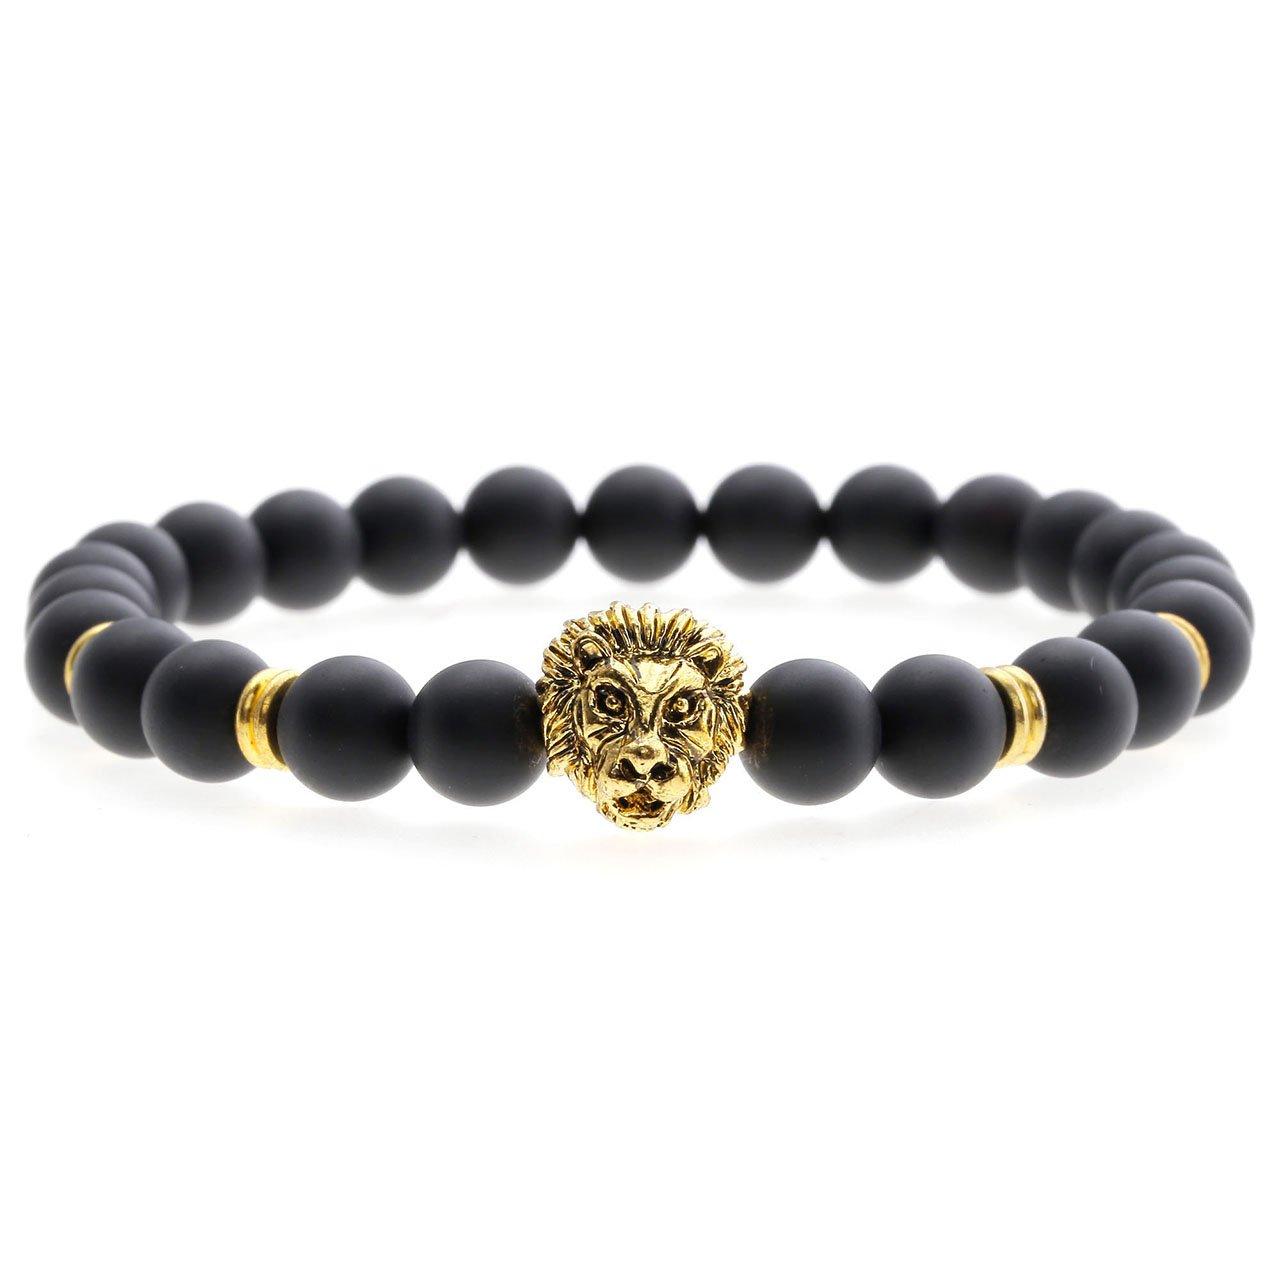 Jovivi 8mm-Pierres Perles d\'Energie Agate Noire Matte Perles Bracelet Extensible Elastique Tibétain Bouddhiste avec Tête de Lion Unisexe -